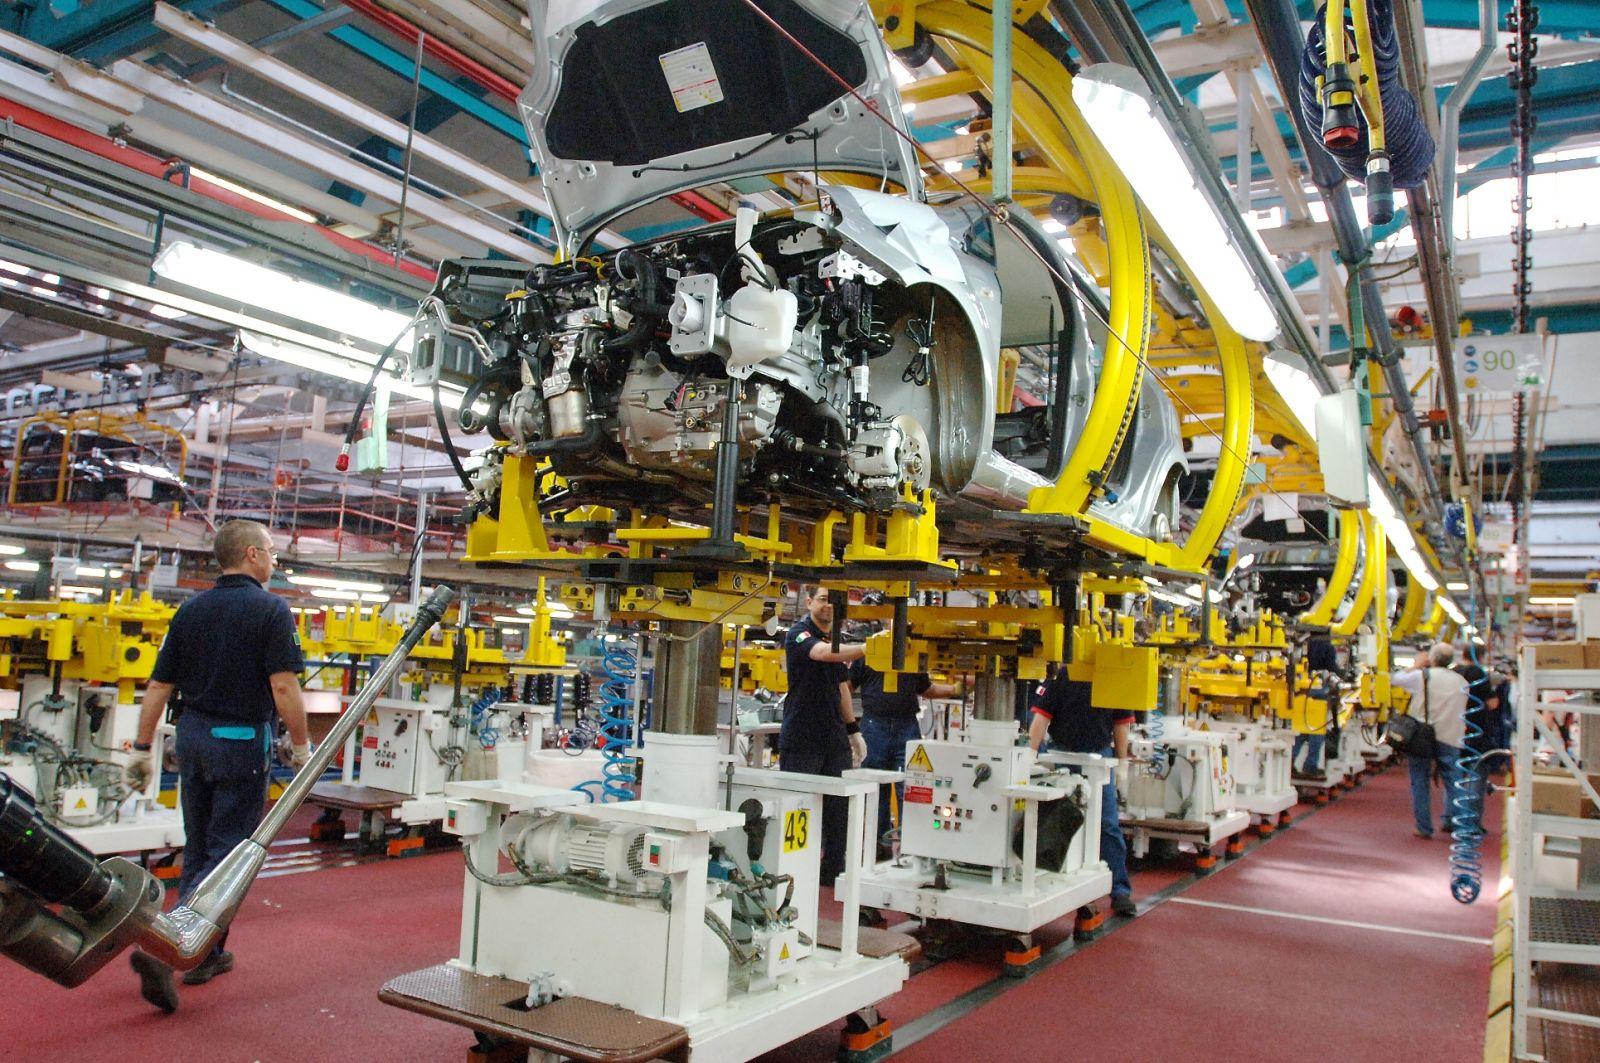 Η FCA επενδύει περισσότερα από 5δις. στην Ιταλία με επίκεντρο την ηλεκτροκίνηση και τα υβριδικά συστήματα